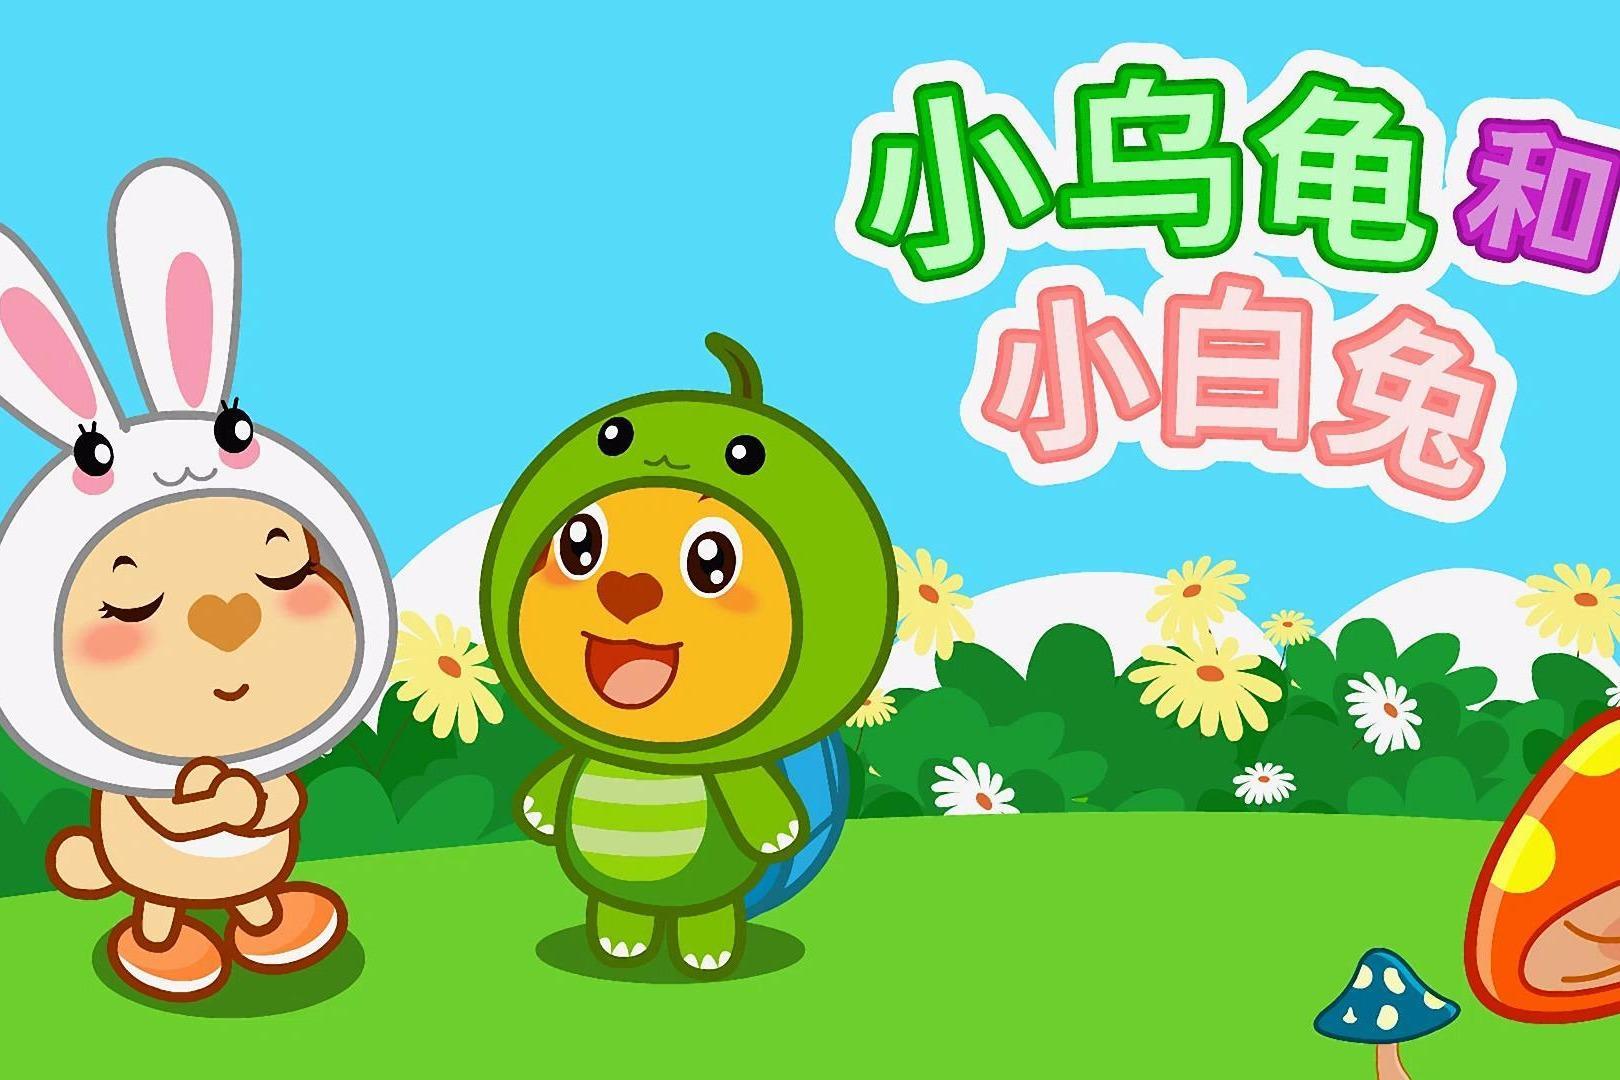 乌龟-亲宝白兔:小心水和小儿歌新九龙视频一肖三码中特图片